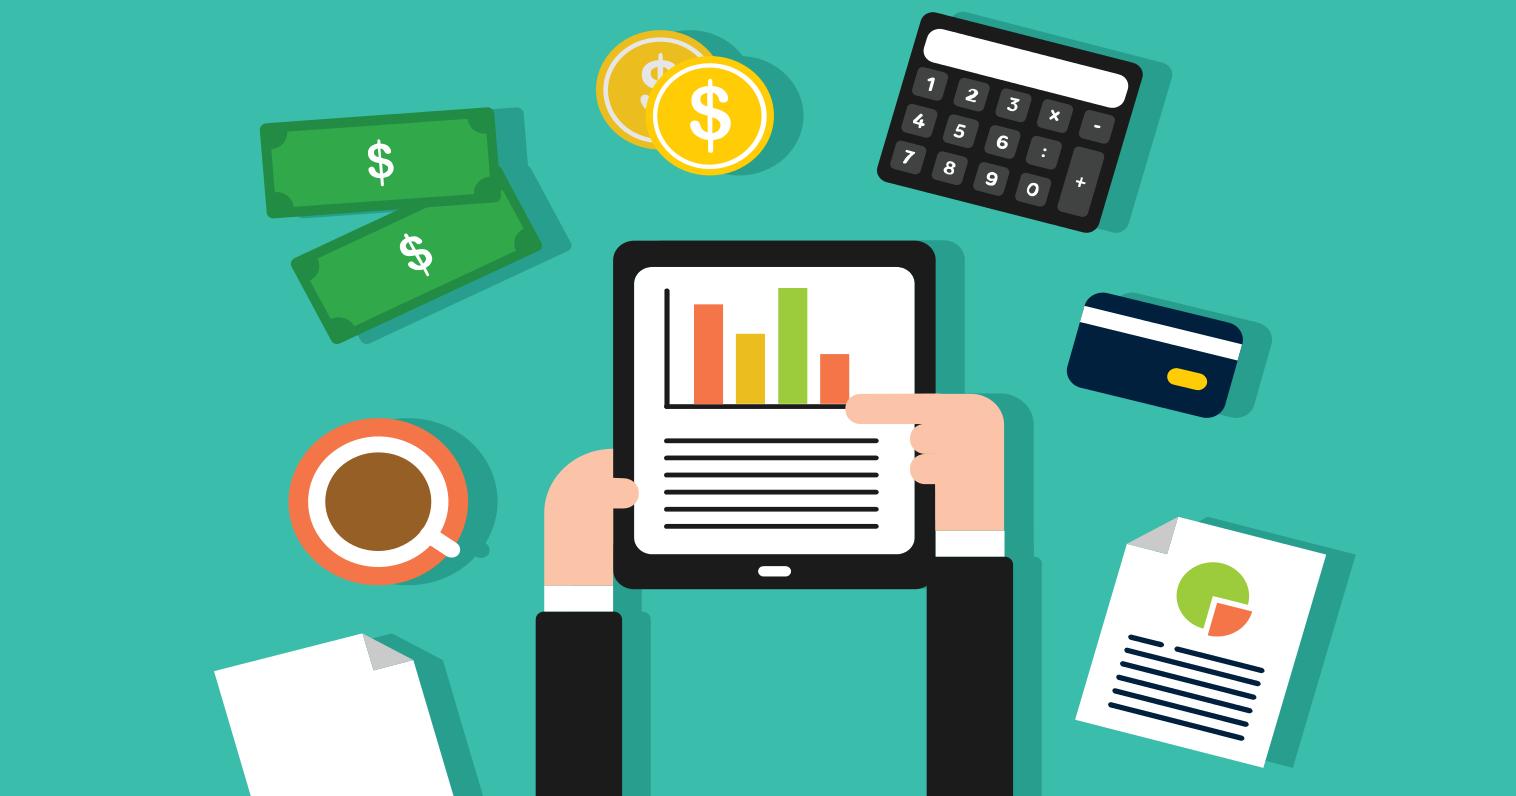 Облачные сервисы Amazon и анализ инвестиционного портфеля - 1